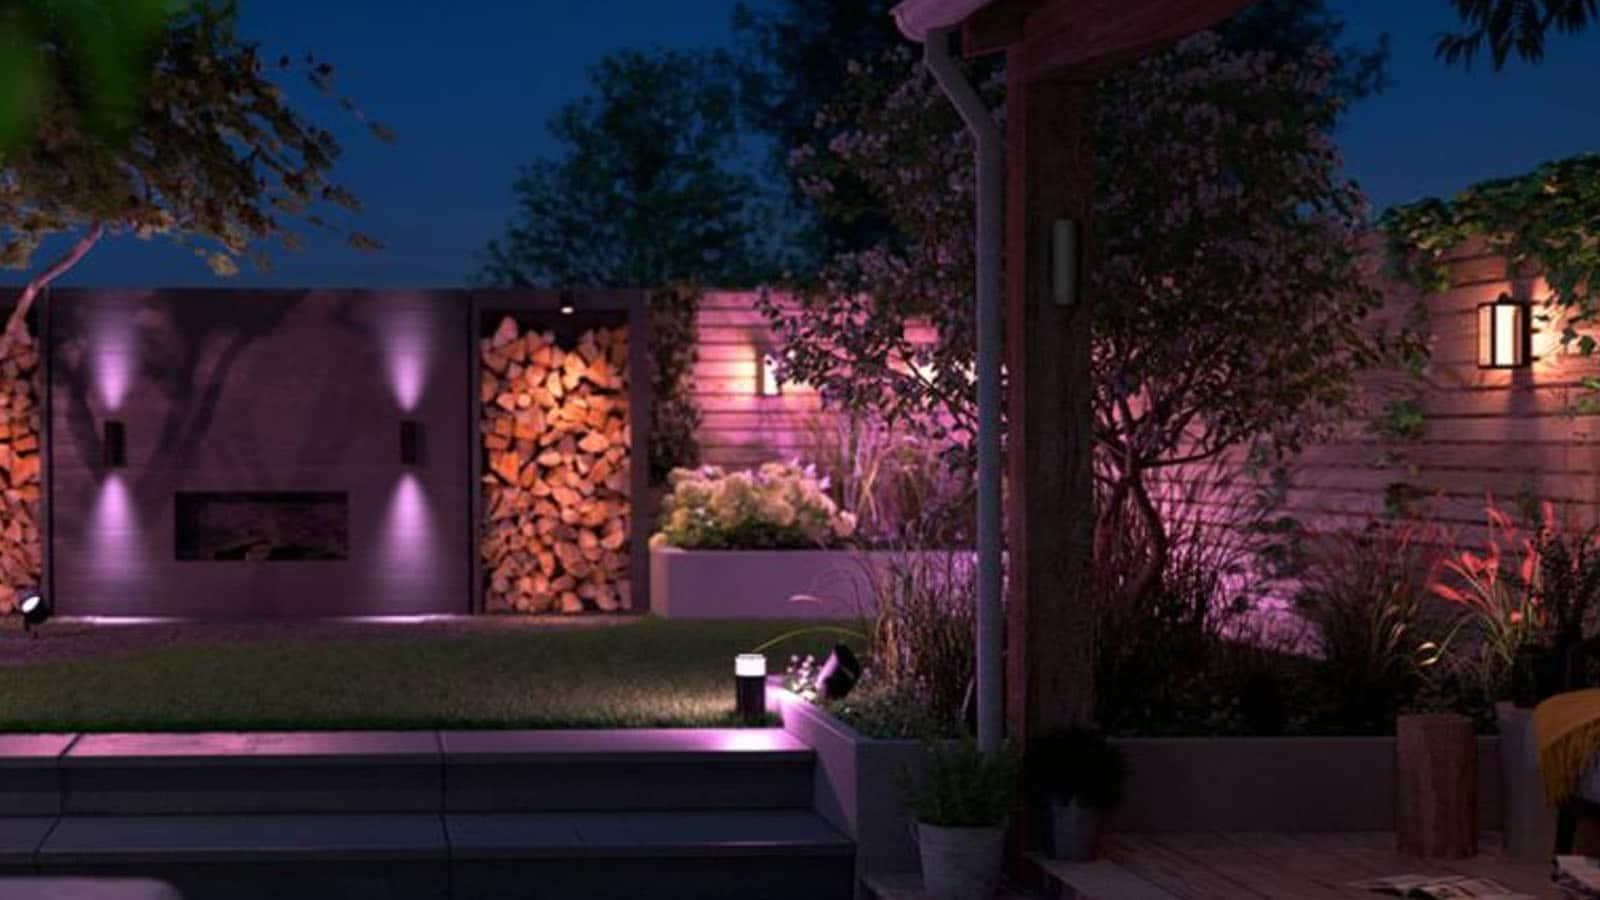 philips hue outdoor lighting